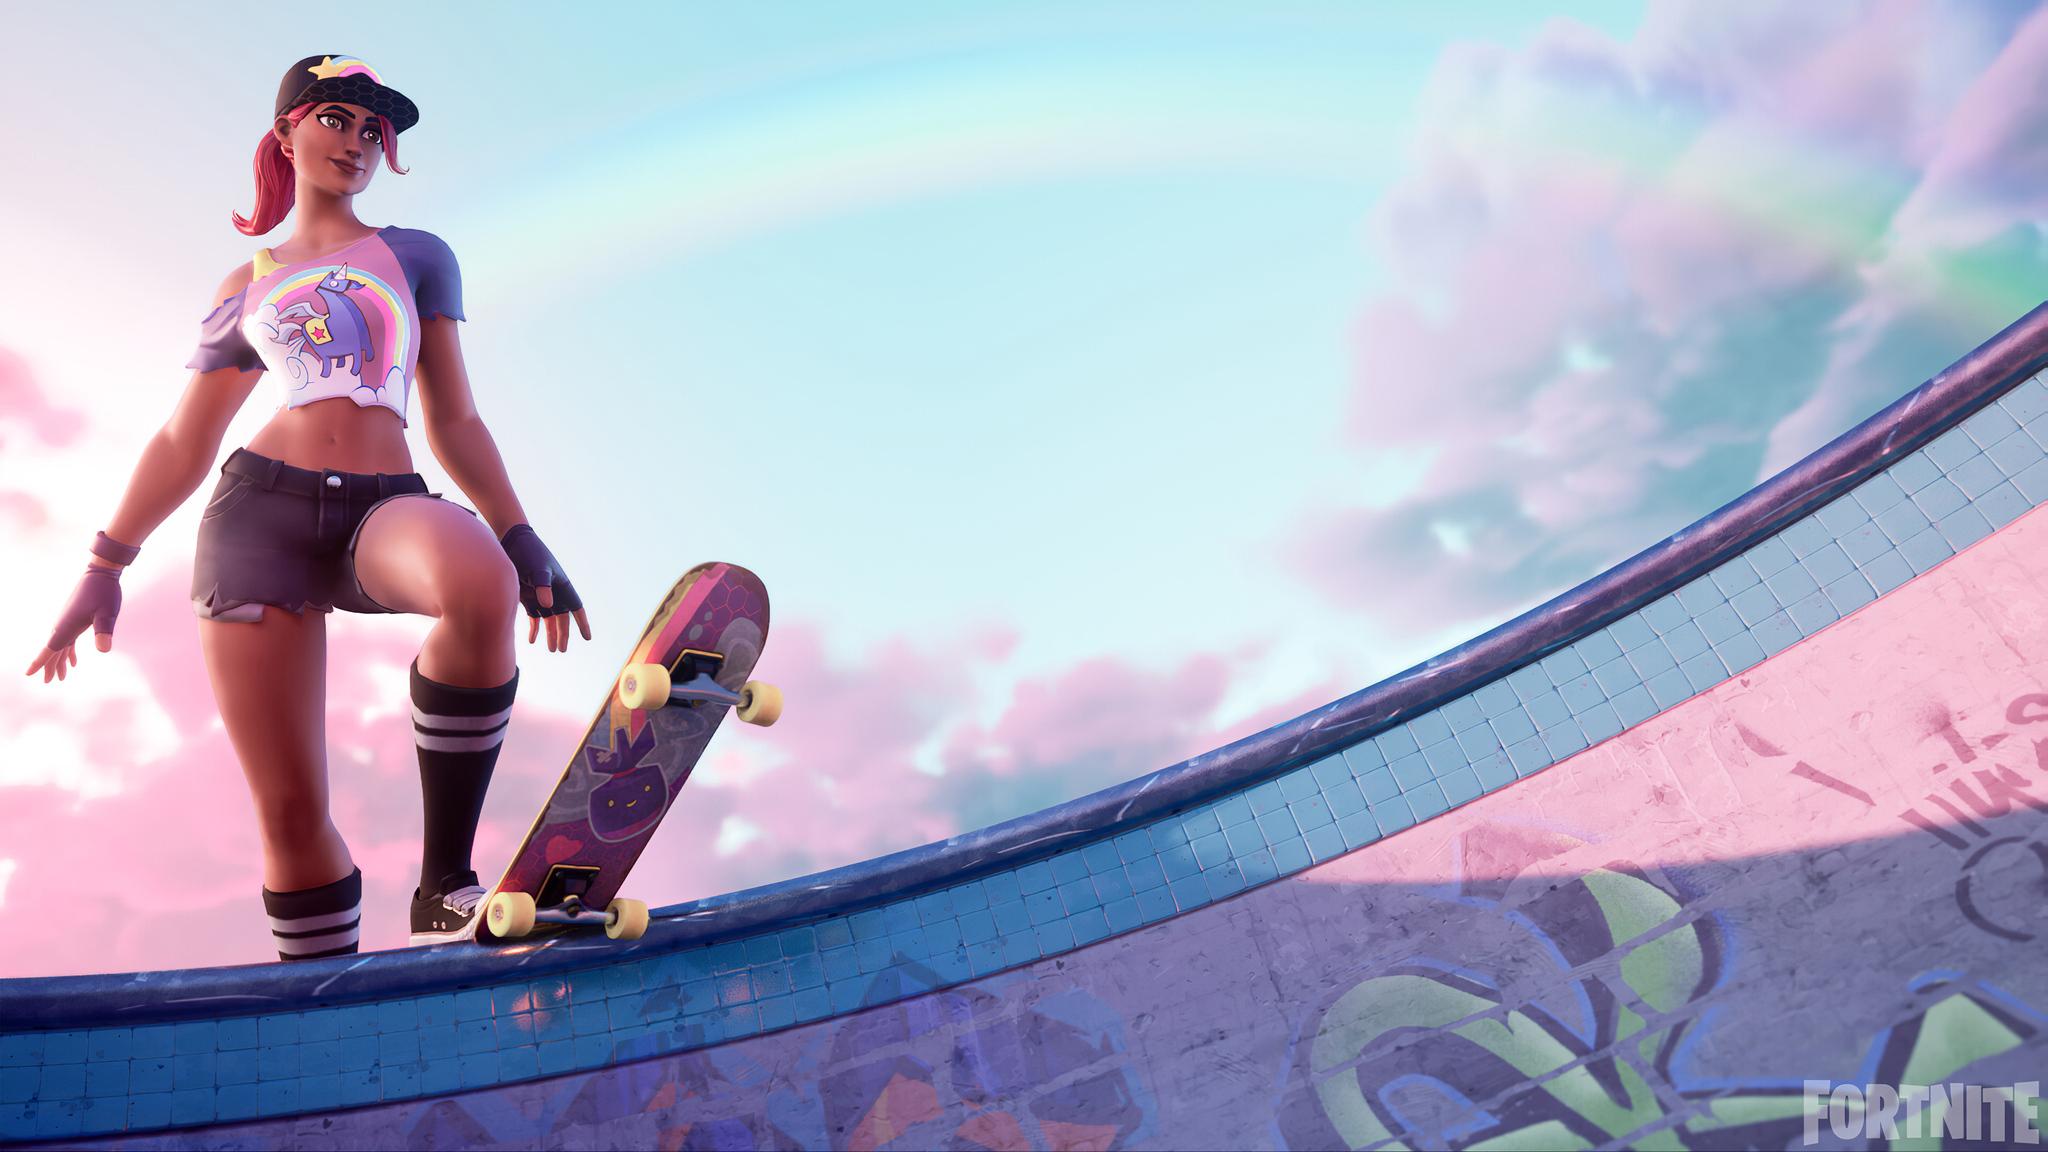 fortnite-skateboarder-dh.jpg